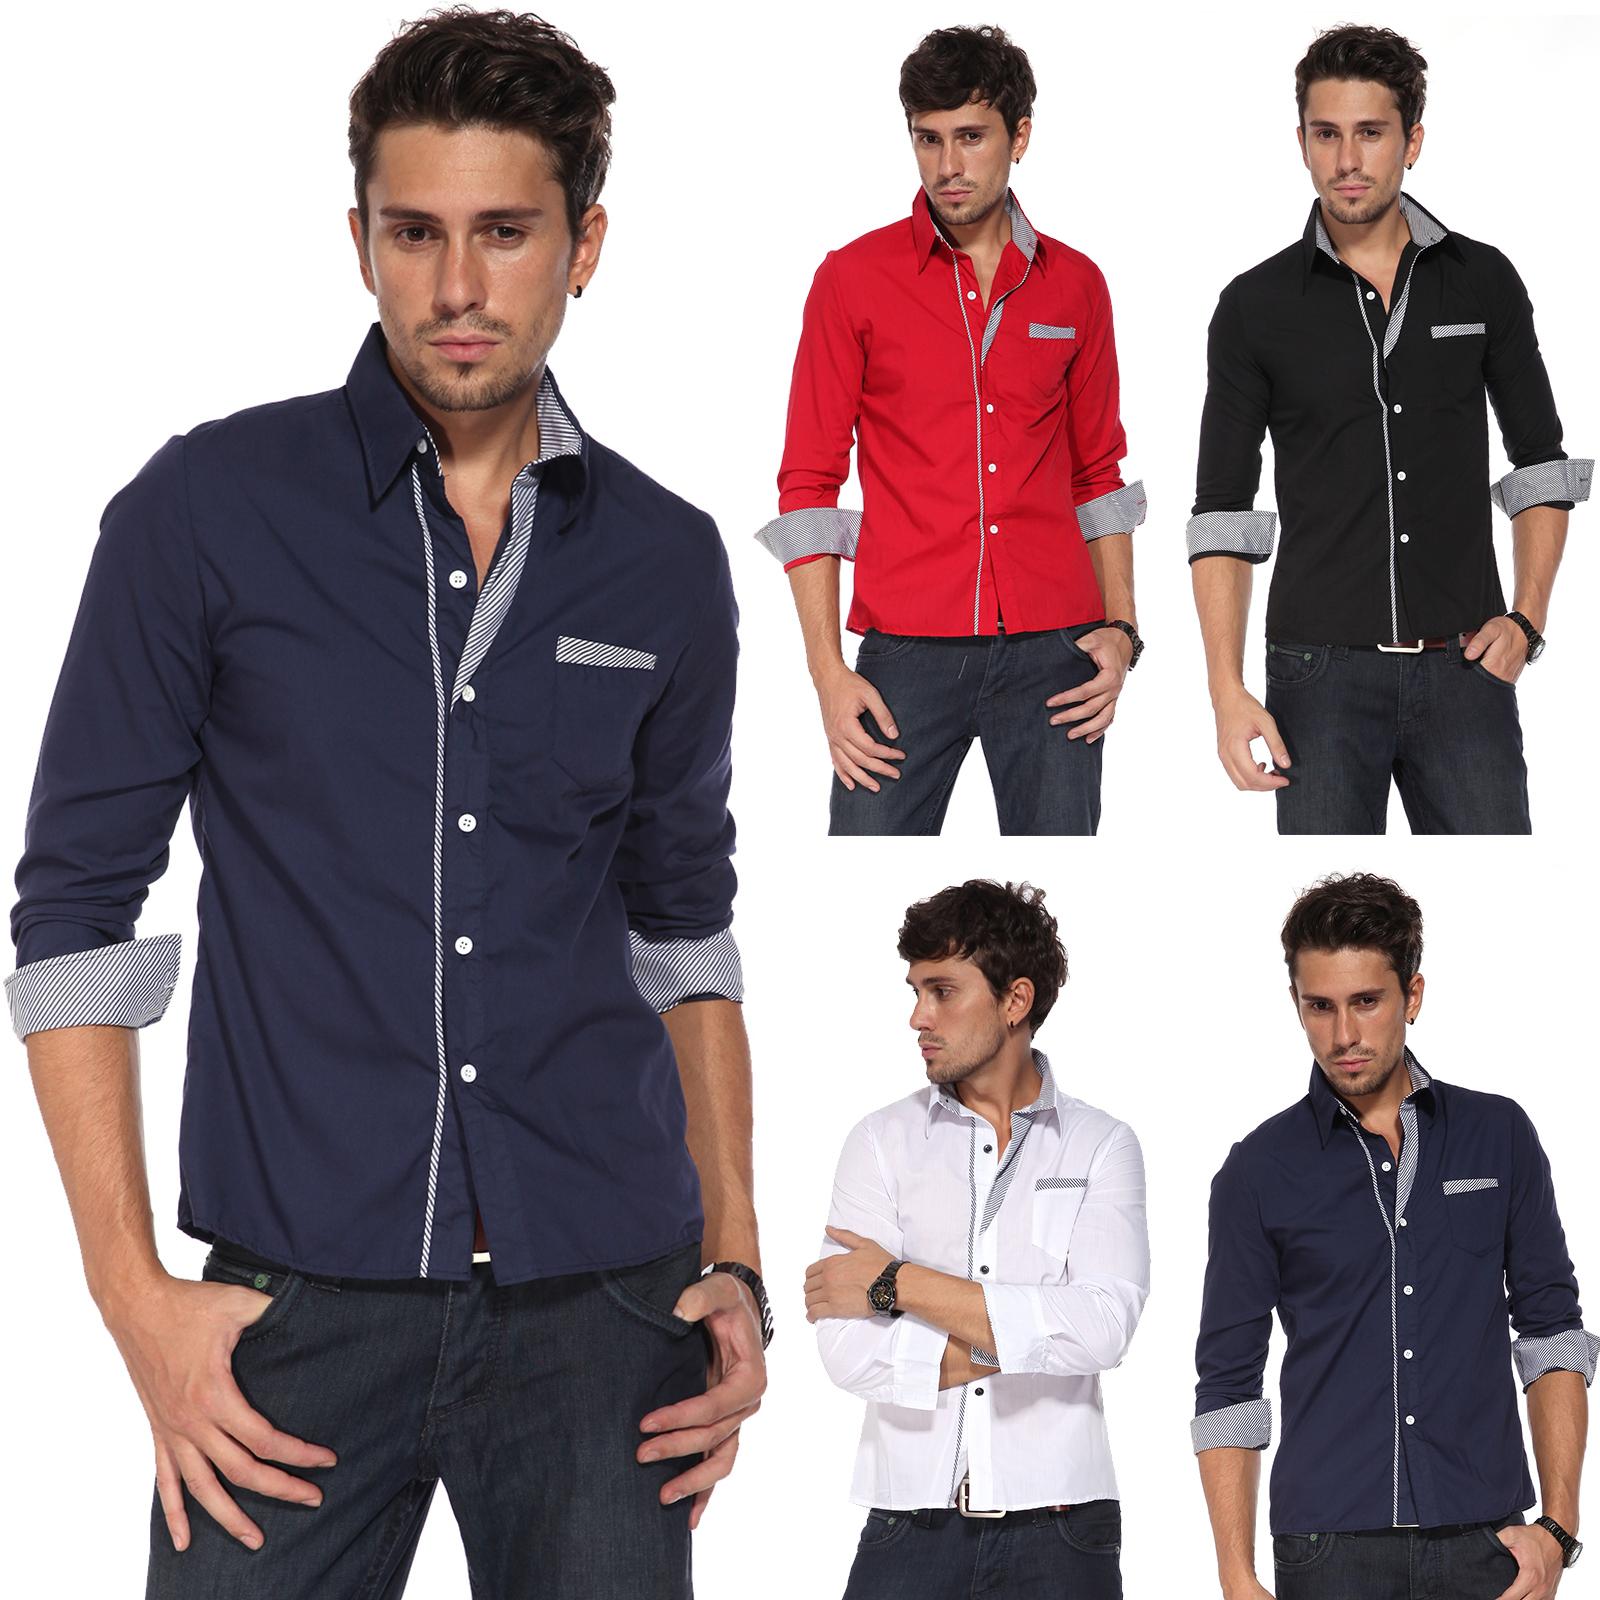 itm Chemise homme slim veste jean costume garcon shirt raye T vetement XS L couleur